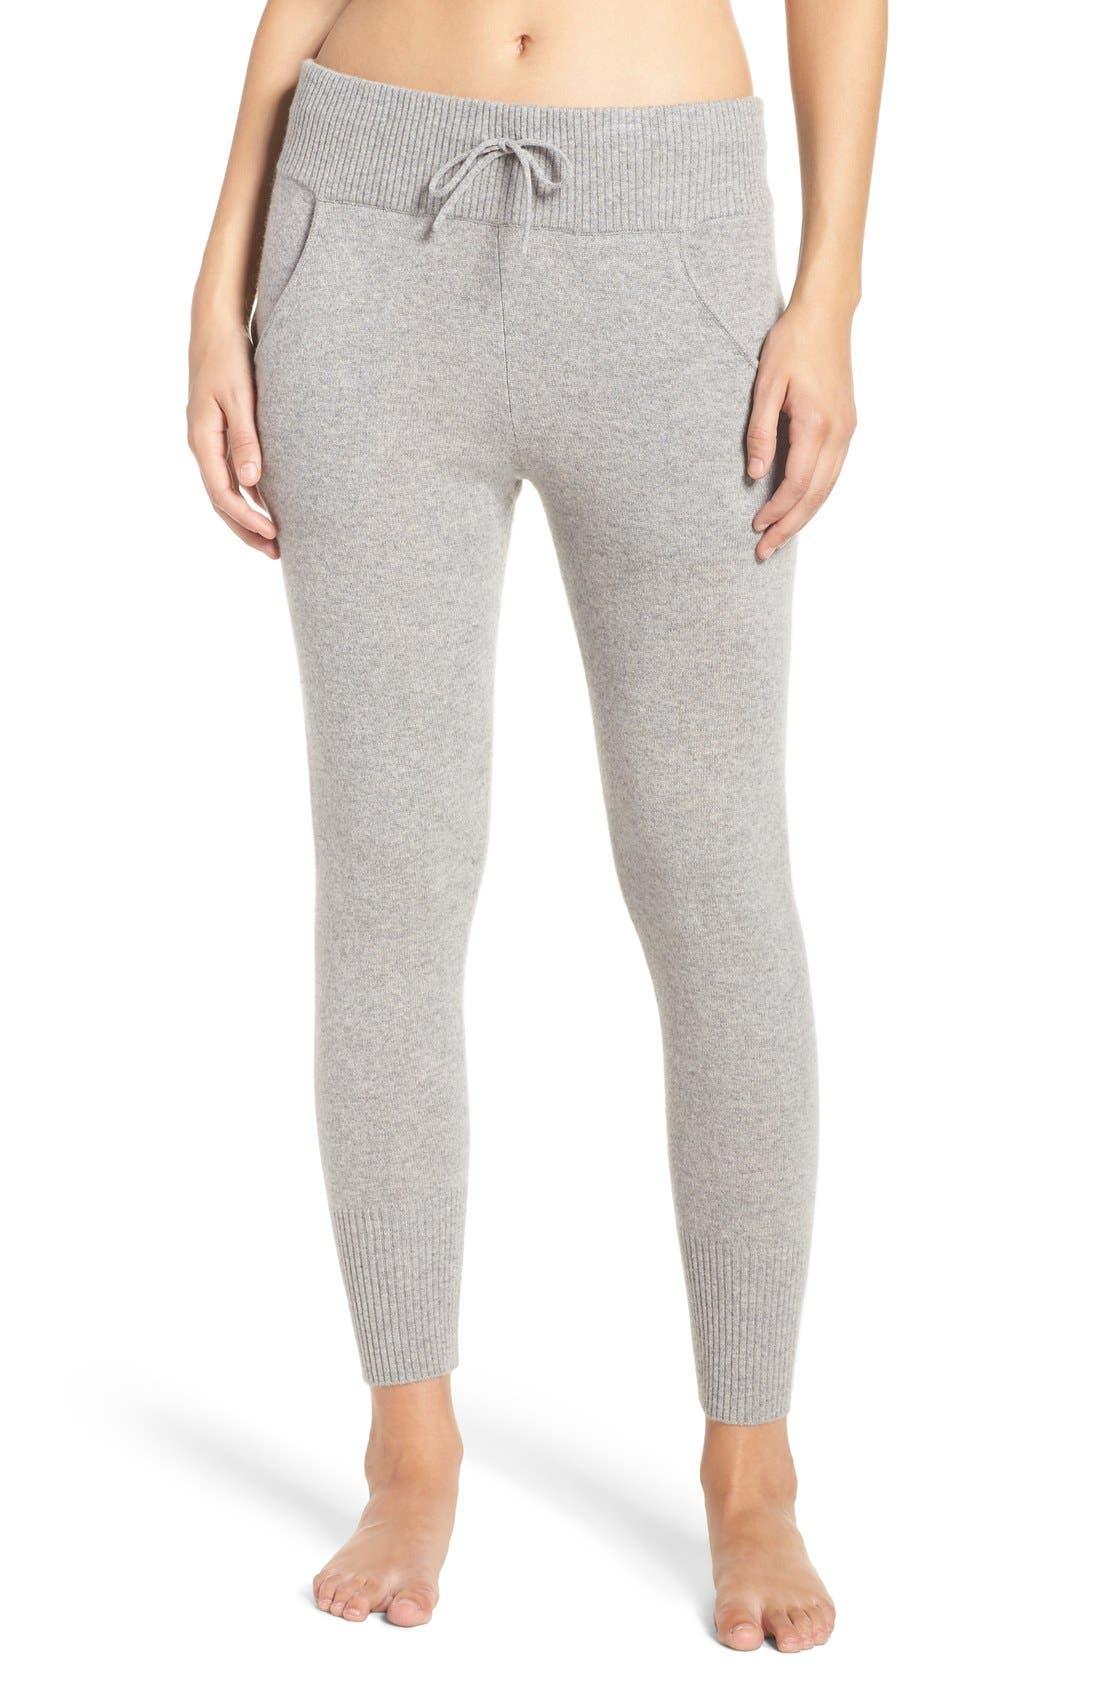 Alternate Image 1 Selected - UGG® 'Helen' Cashmere Jogger Pants